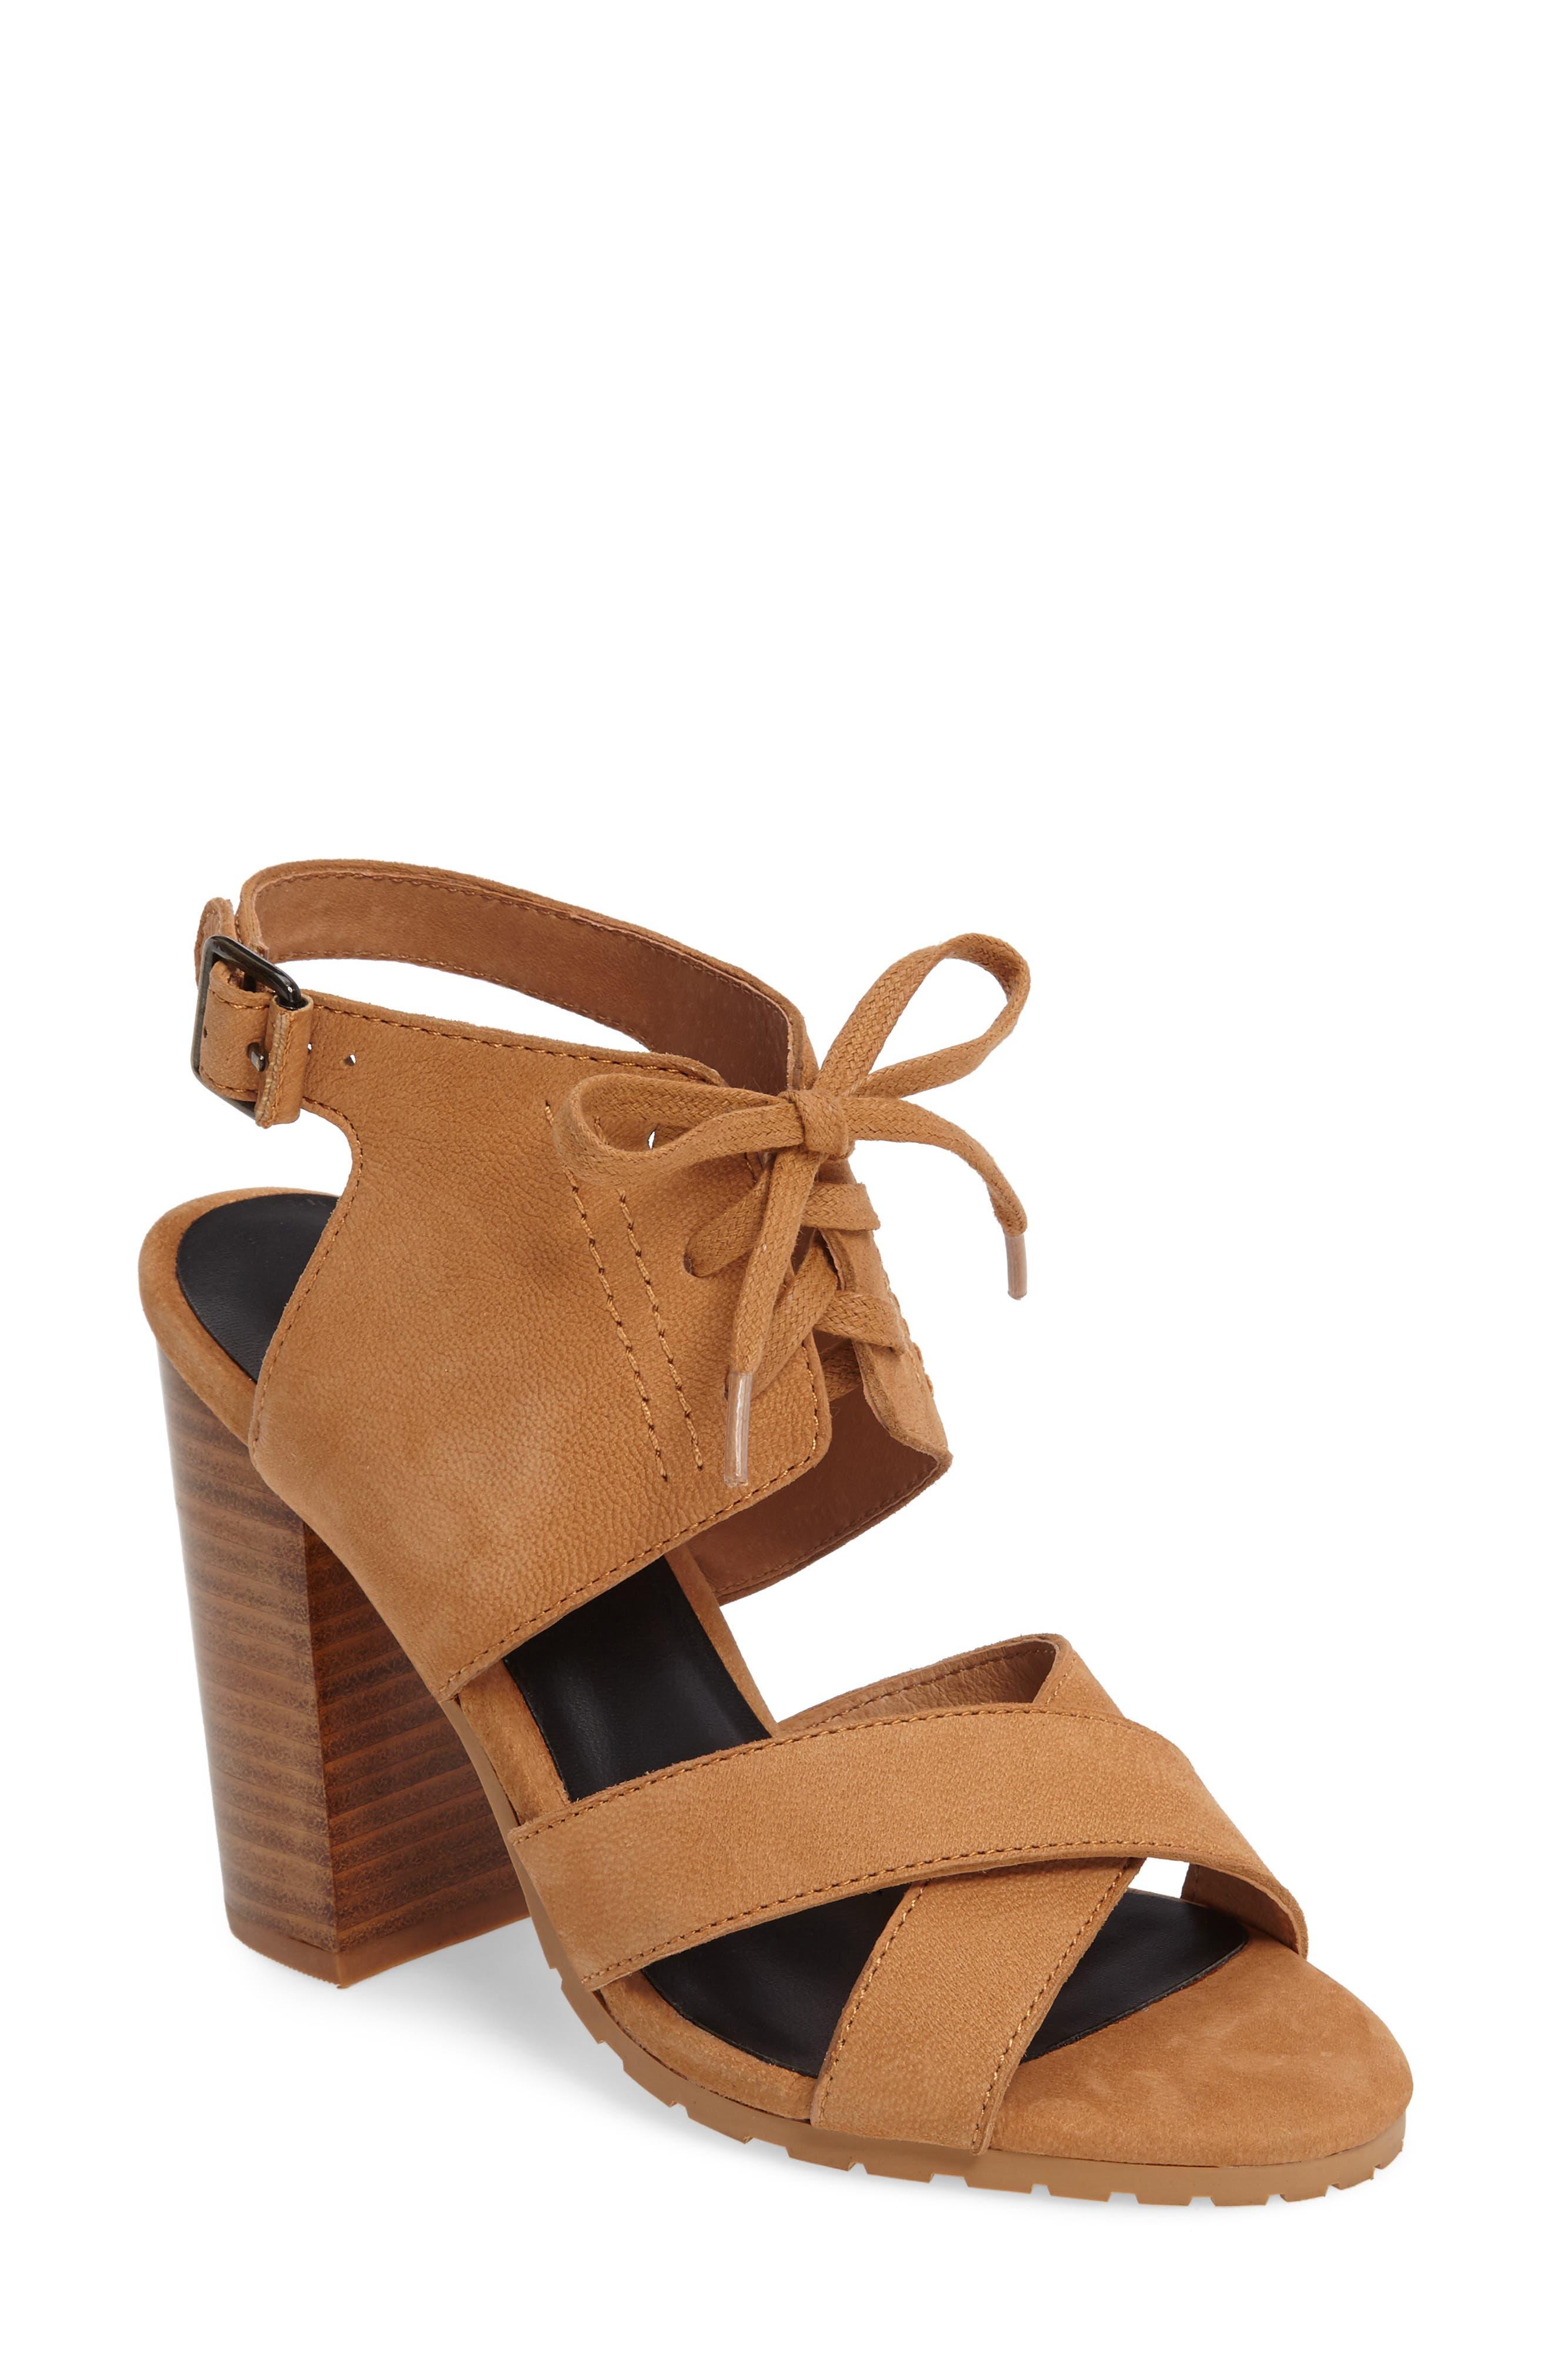 M4D3 FOOTWEAR M4D3 Madi Block Heel Sandal